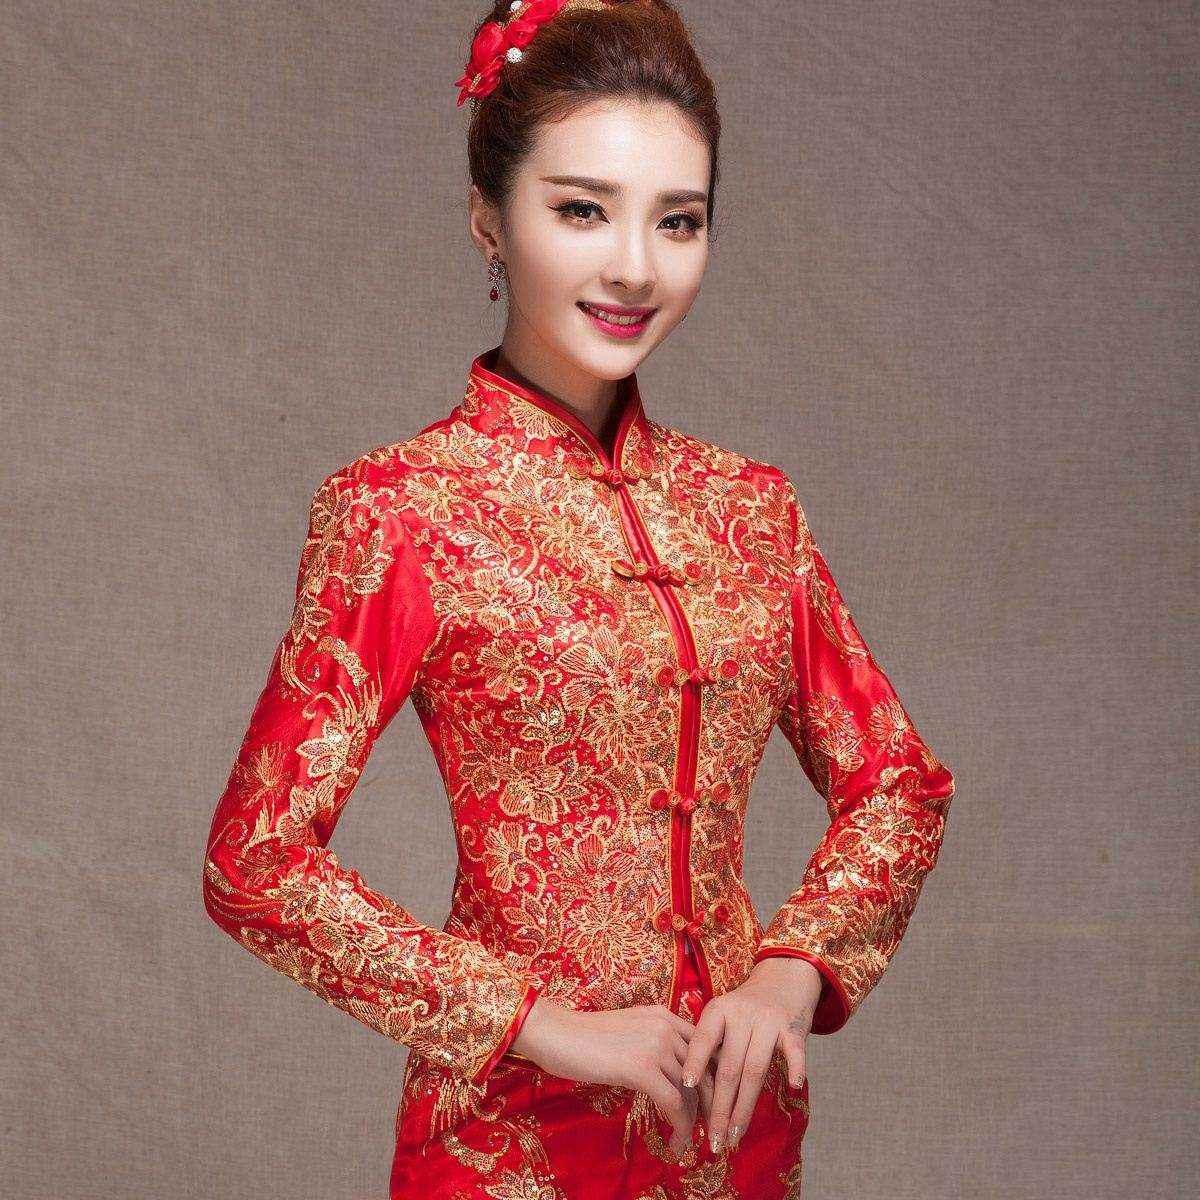 Nuevo vestido de novia zelanda | Imagenes